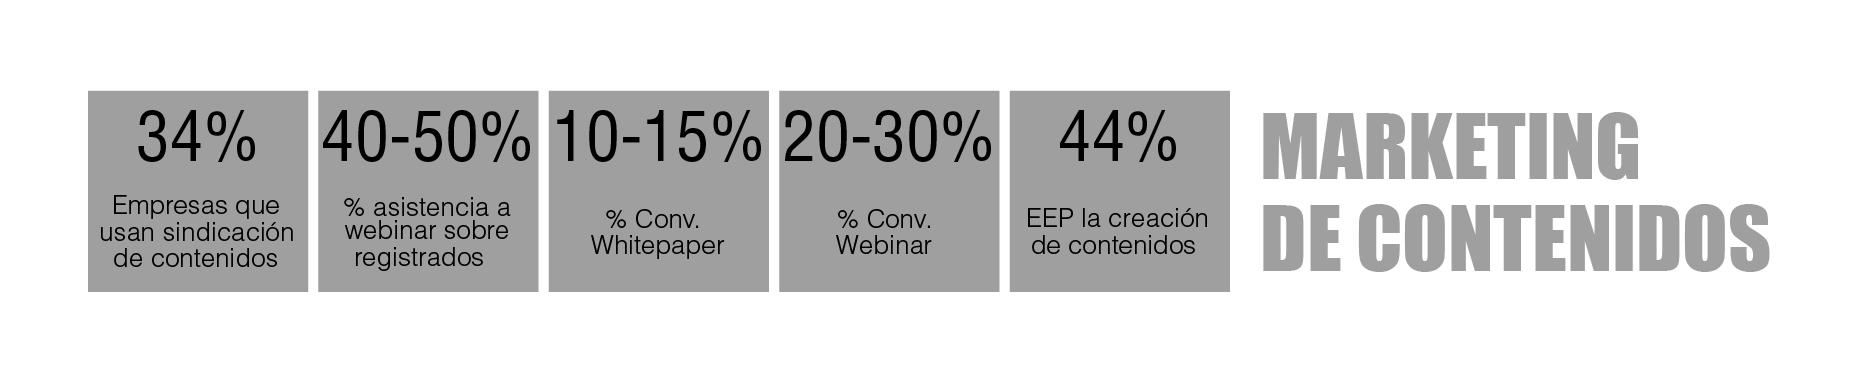 tabla periódica de marketing digital B2B: Marketing de contenidos